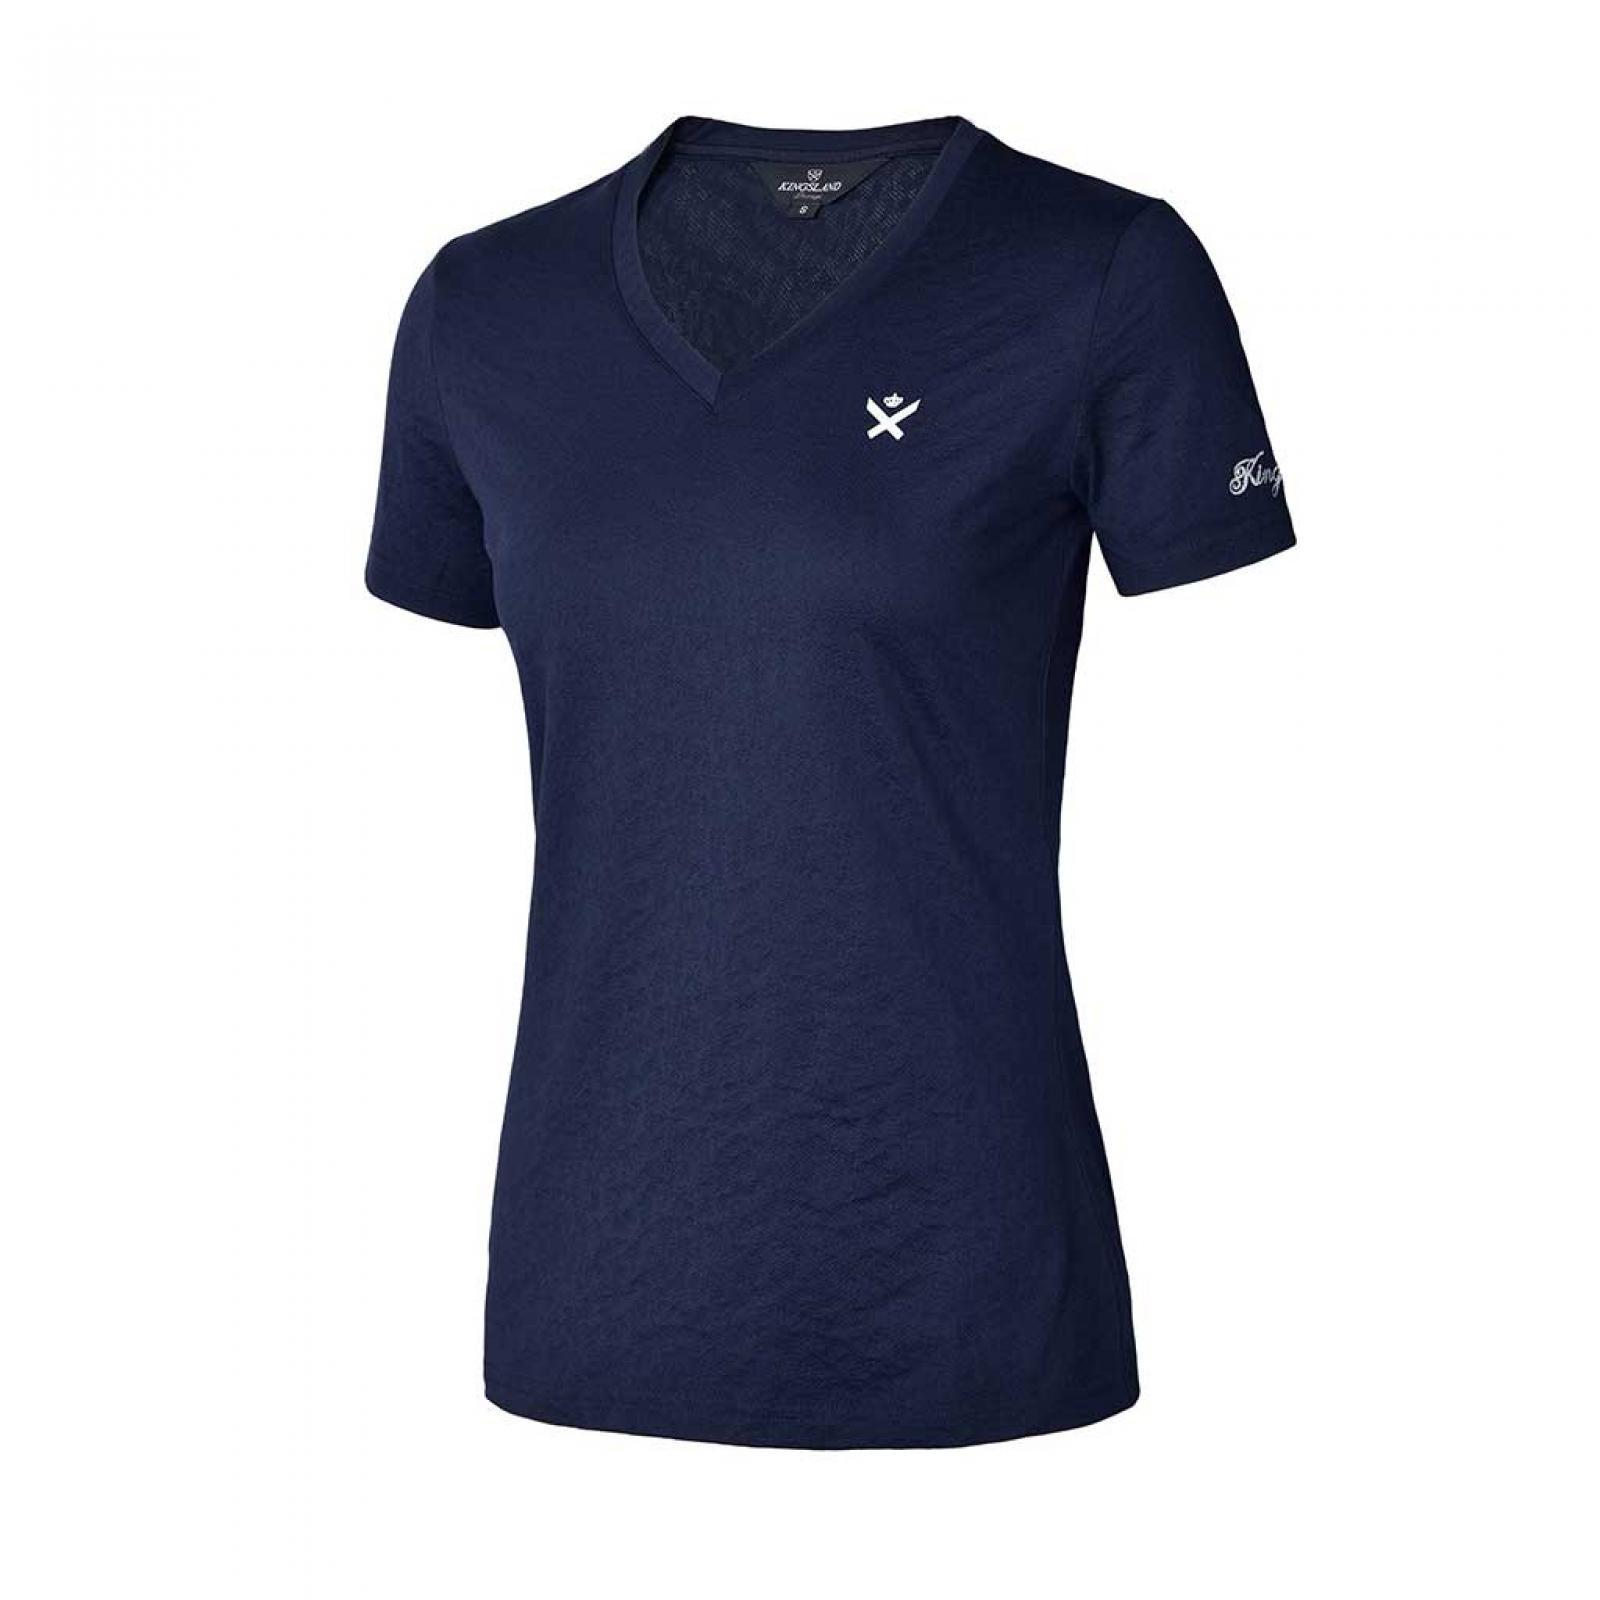 Kingsland Aviva V-Neck T-Shirt